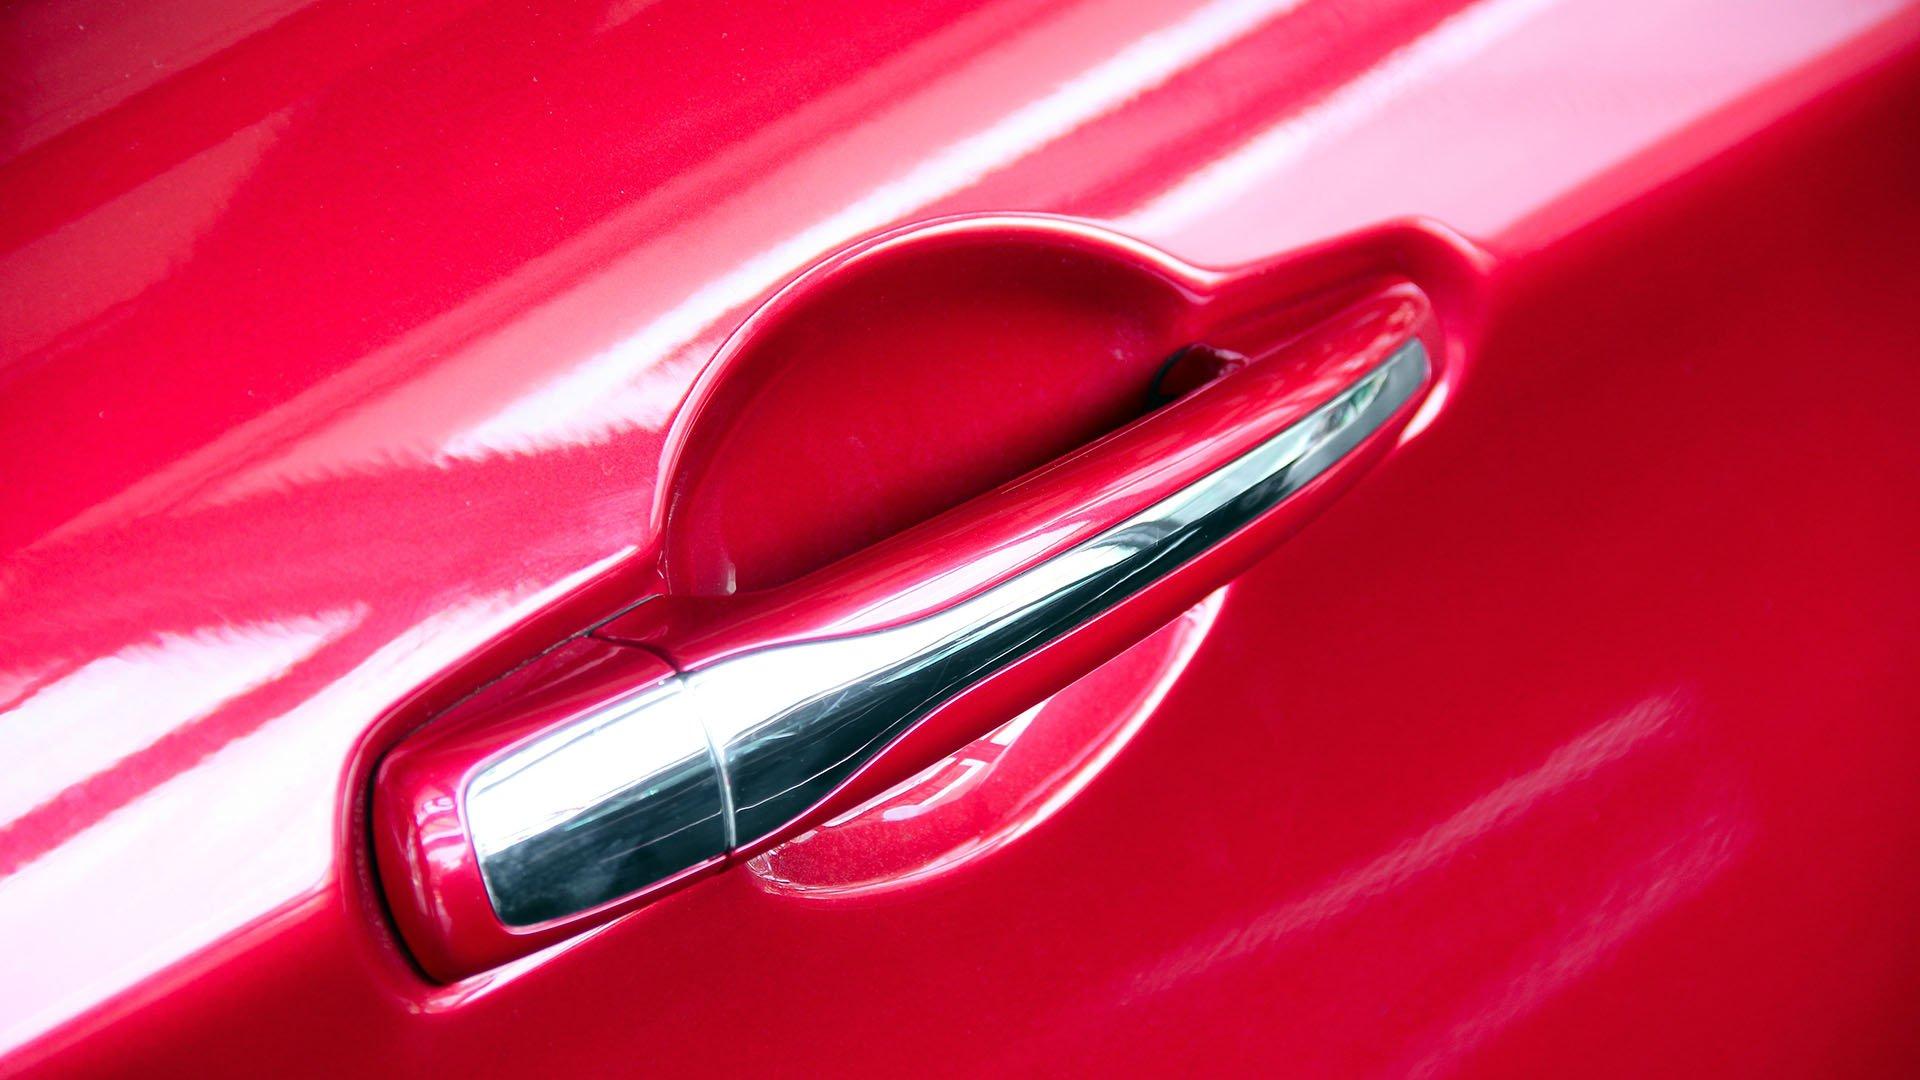 maniglia portiera di un auto rossa